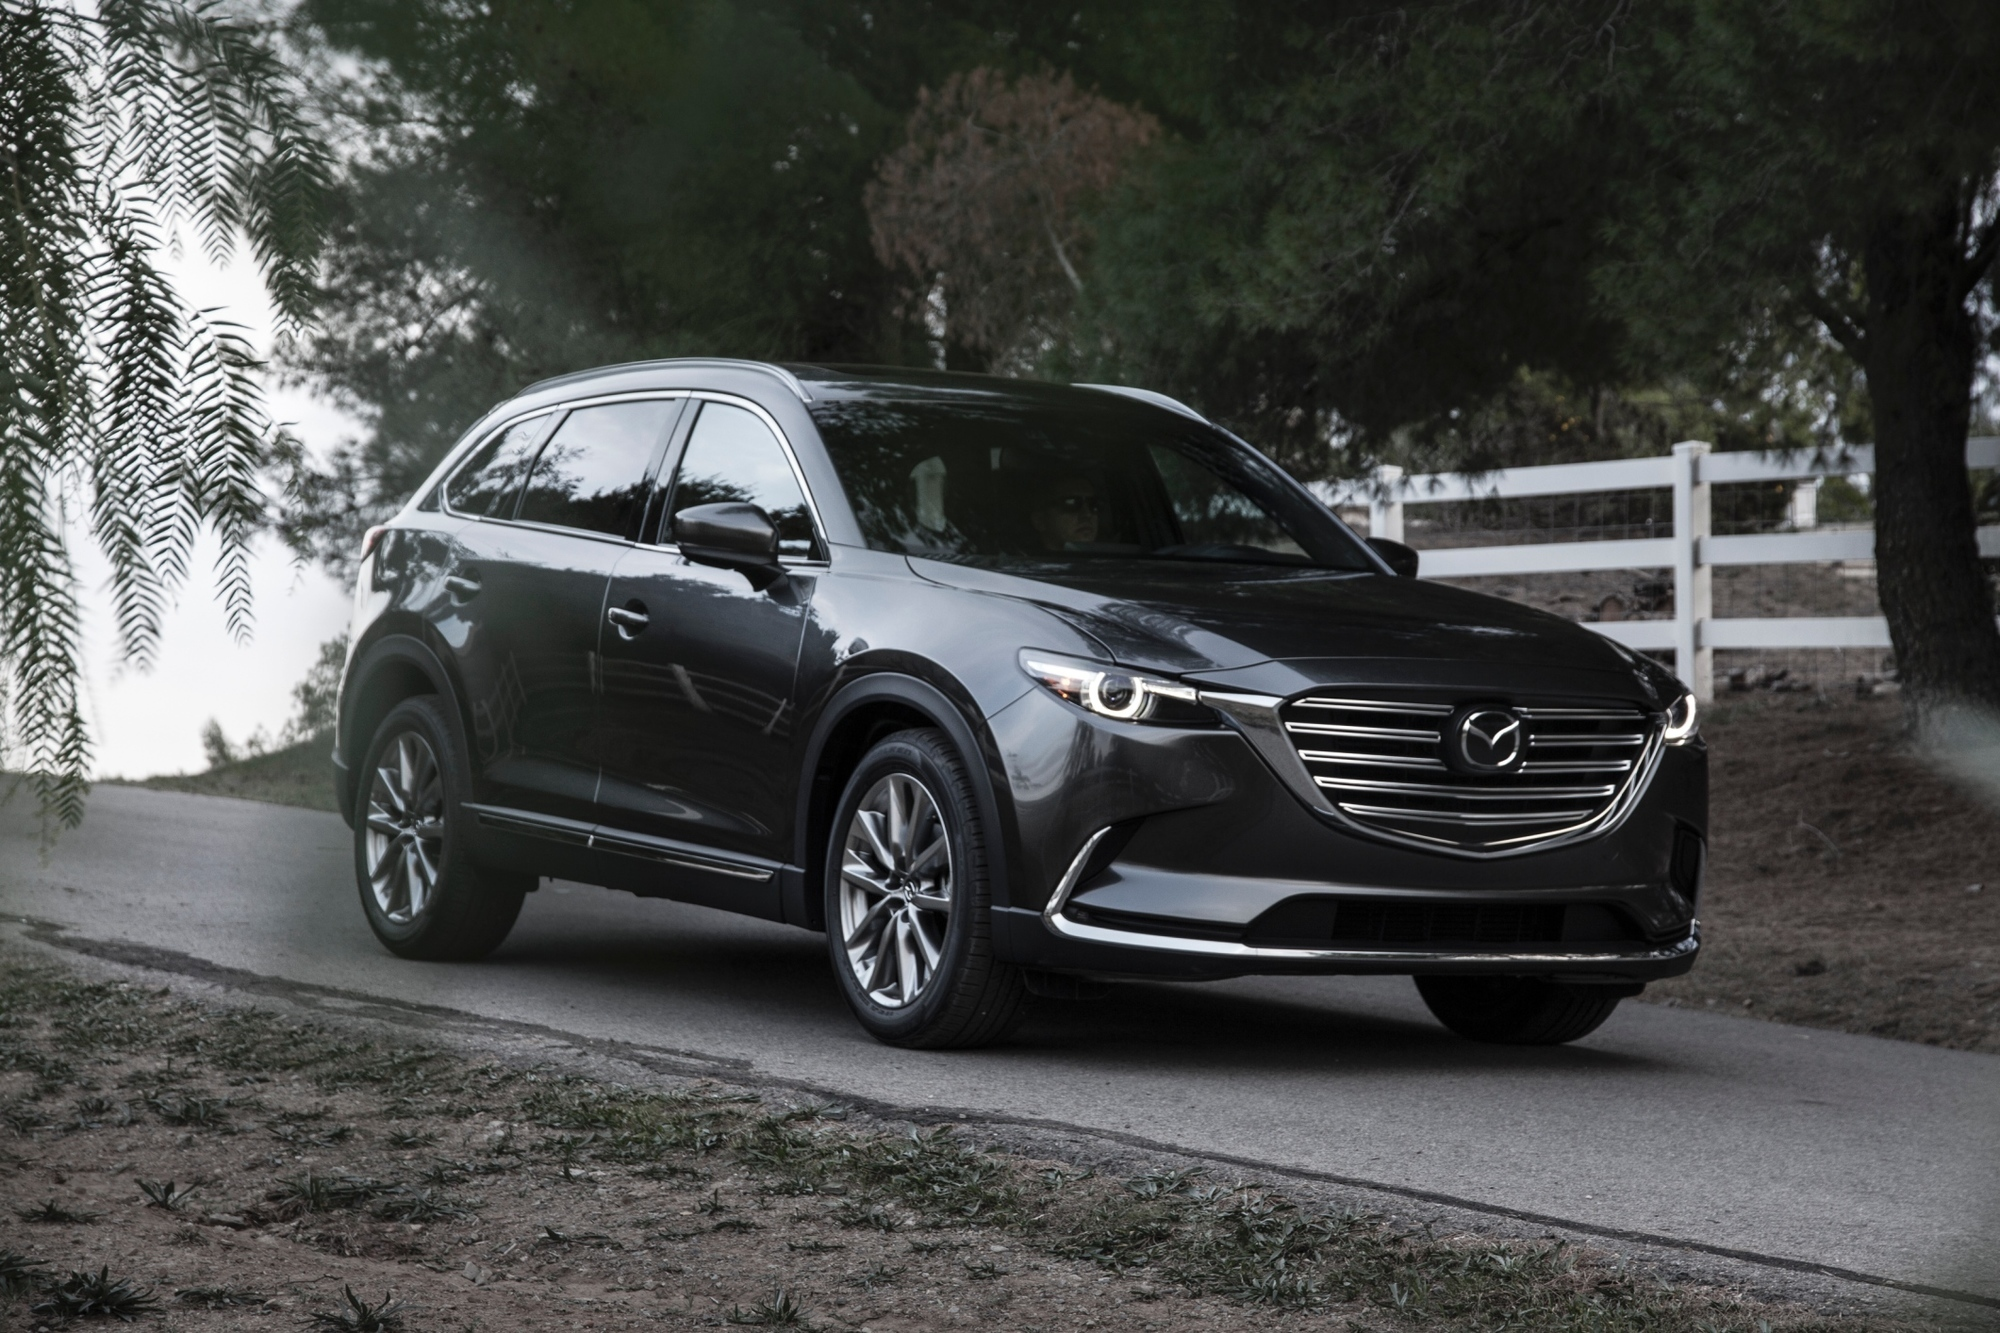 """mid Düsseldorf - Kurswechsel: Nachdem Mazda in den vergangenen Jahren gegen den Trend zur Turboaufladung bei Benzinern geschwommen ist, bringen nun auch die Japaner einen Ottomotor mit """"Extra-Druck"""" in seinem SUV-Flaggschiff CX-9."""